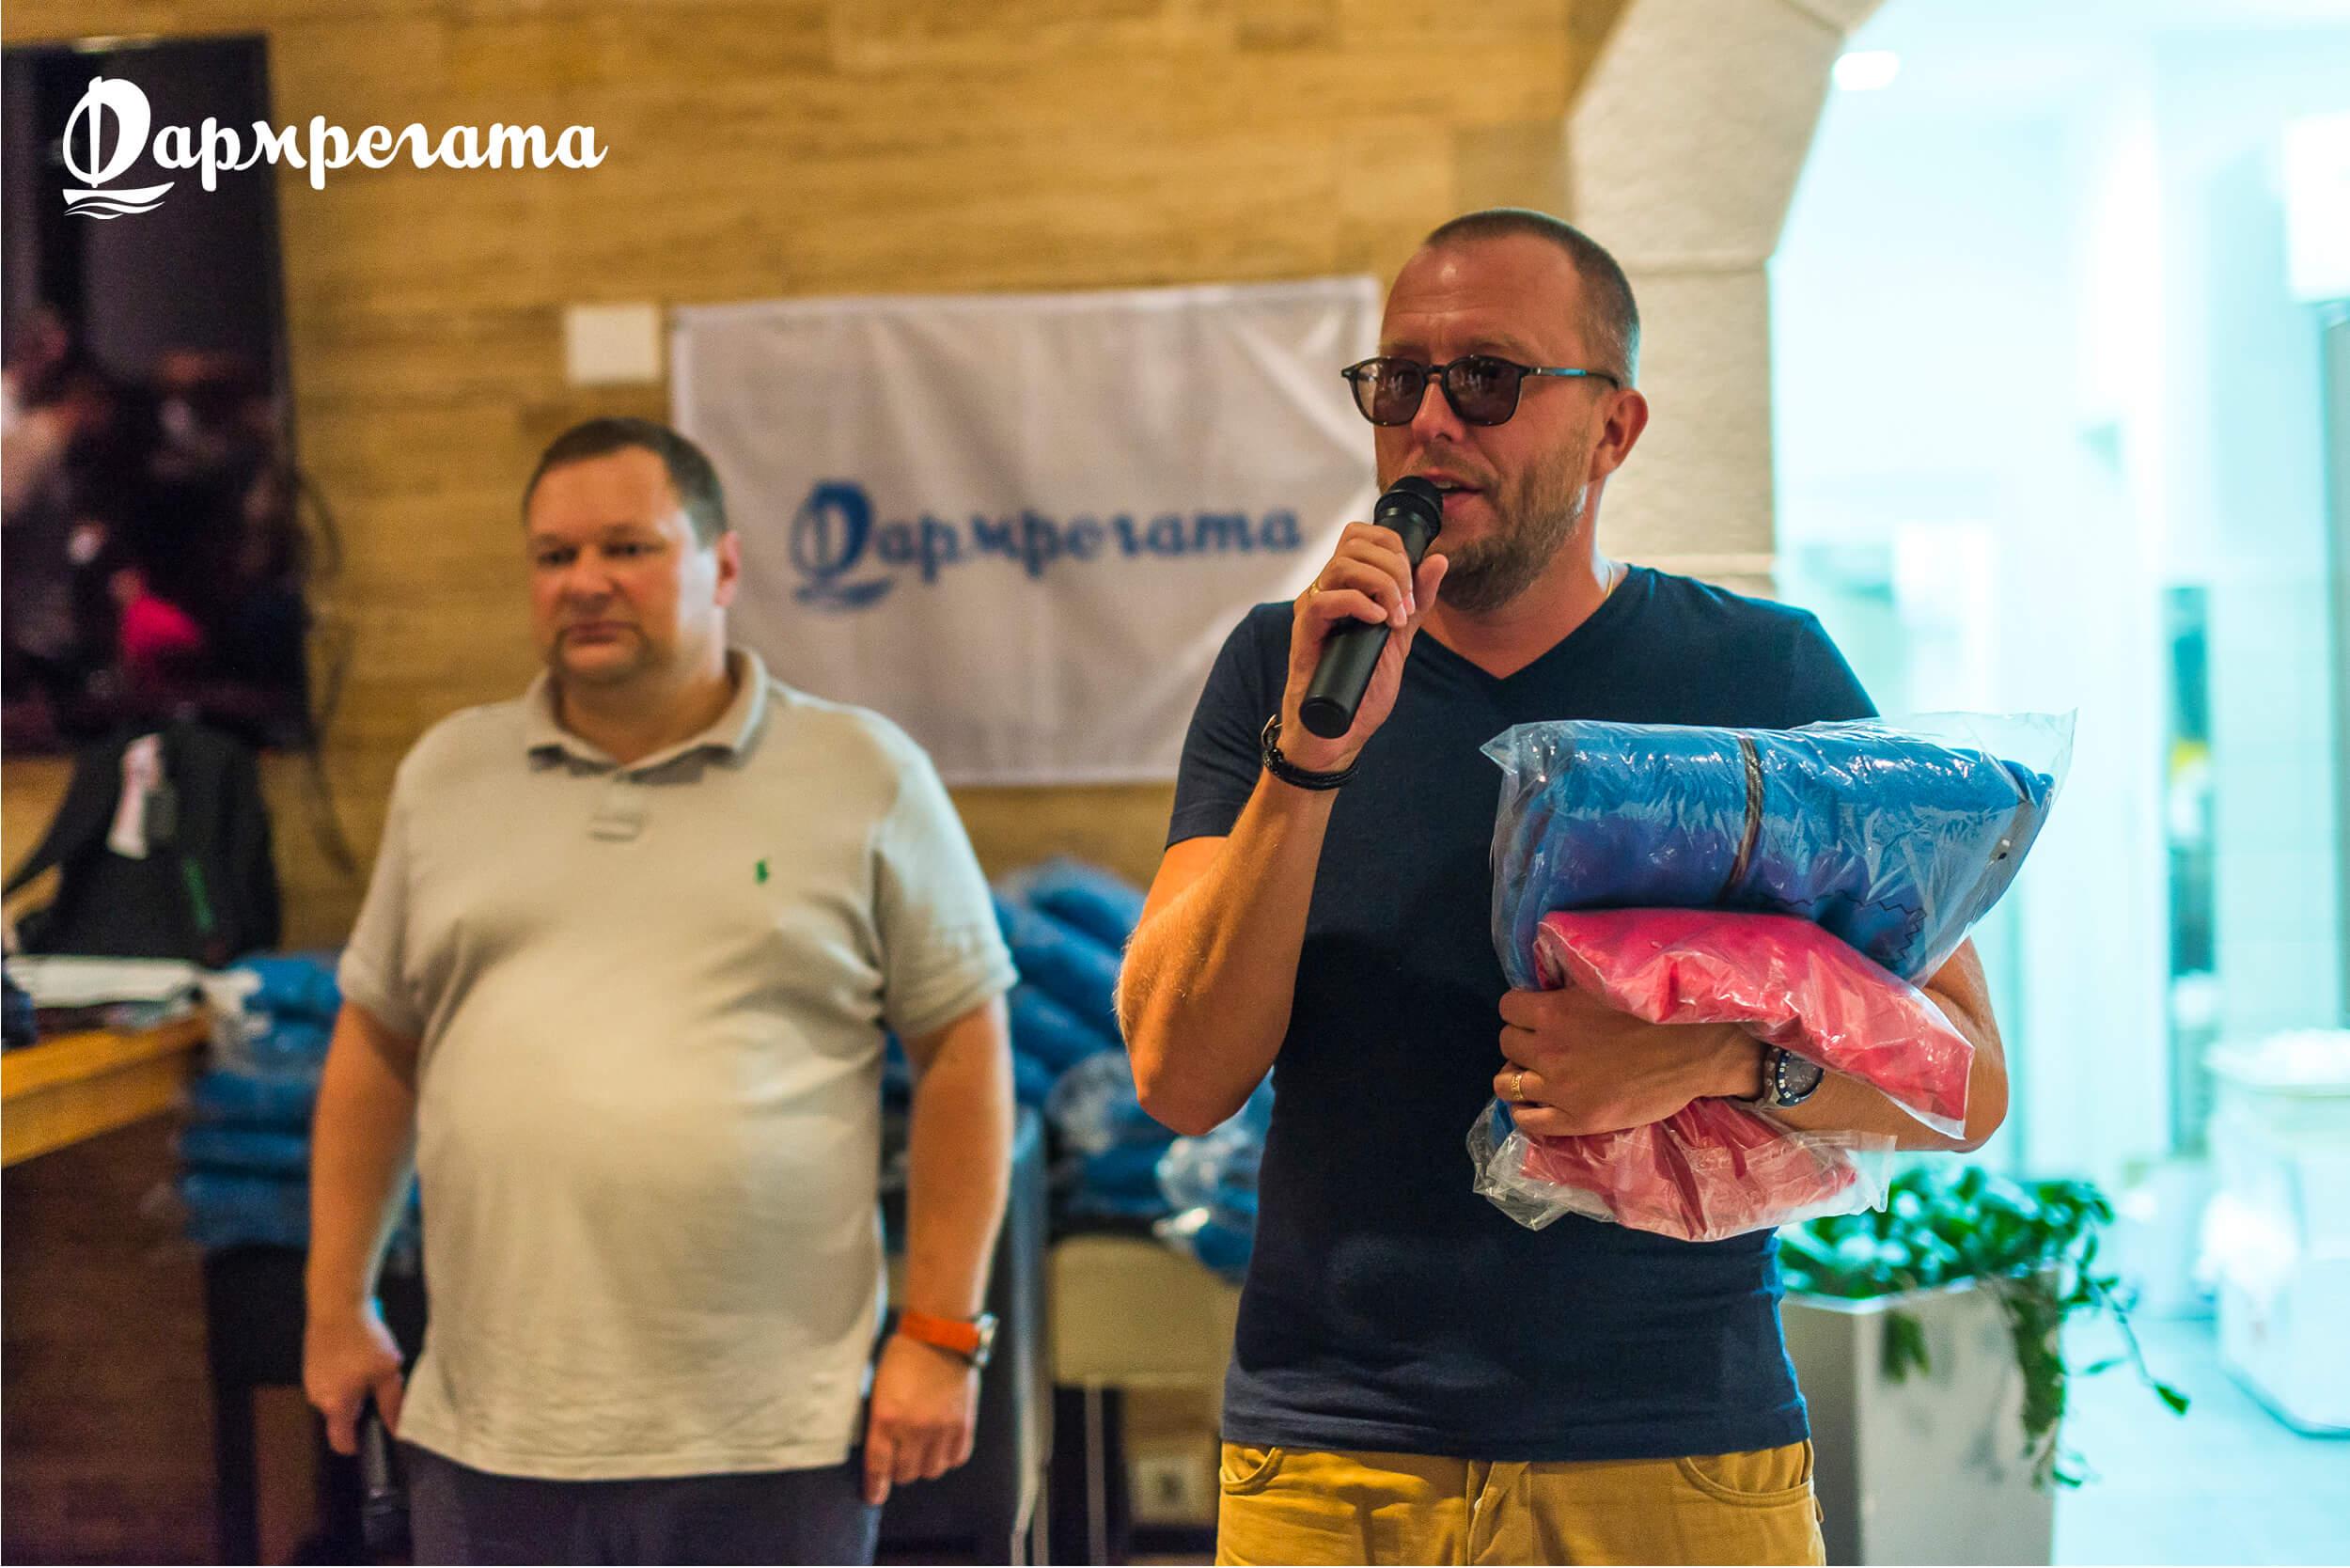 Участники регаты - ДСМ групп Фармрегата 2017 - DSM Group Pharmregata 2017